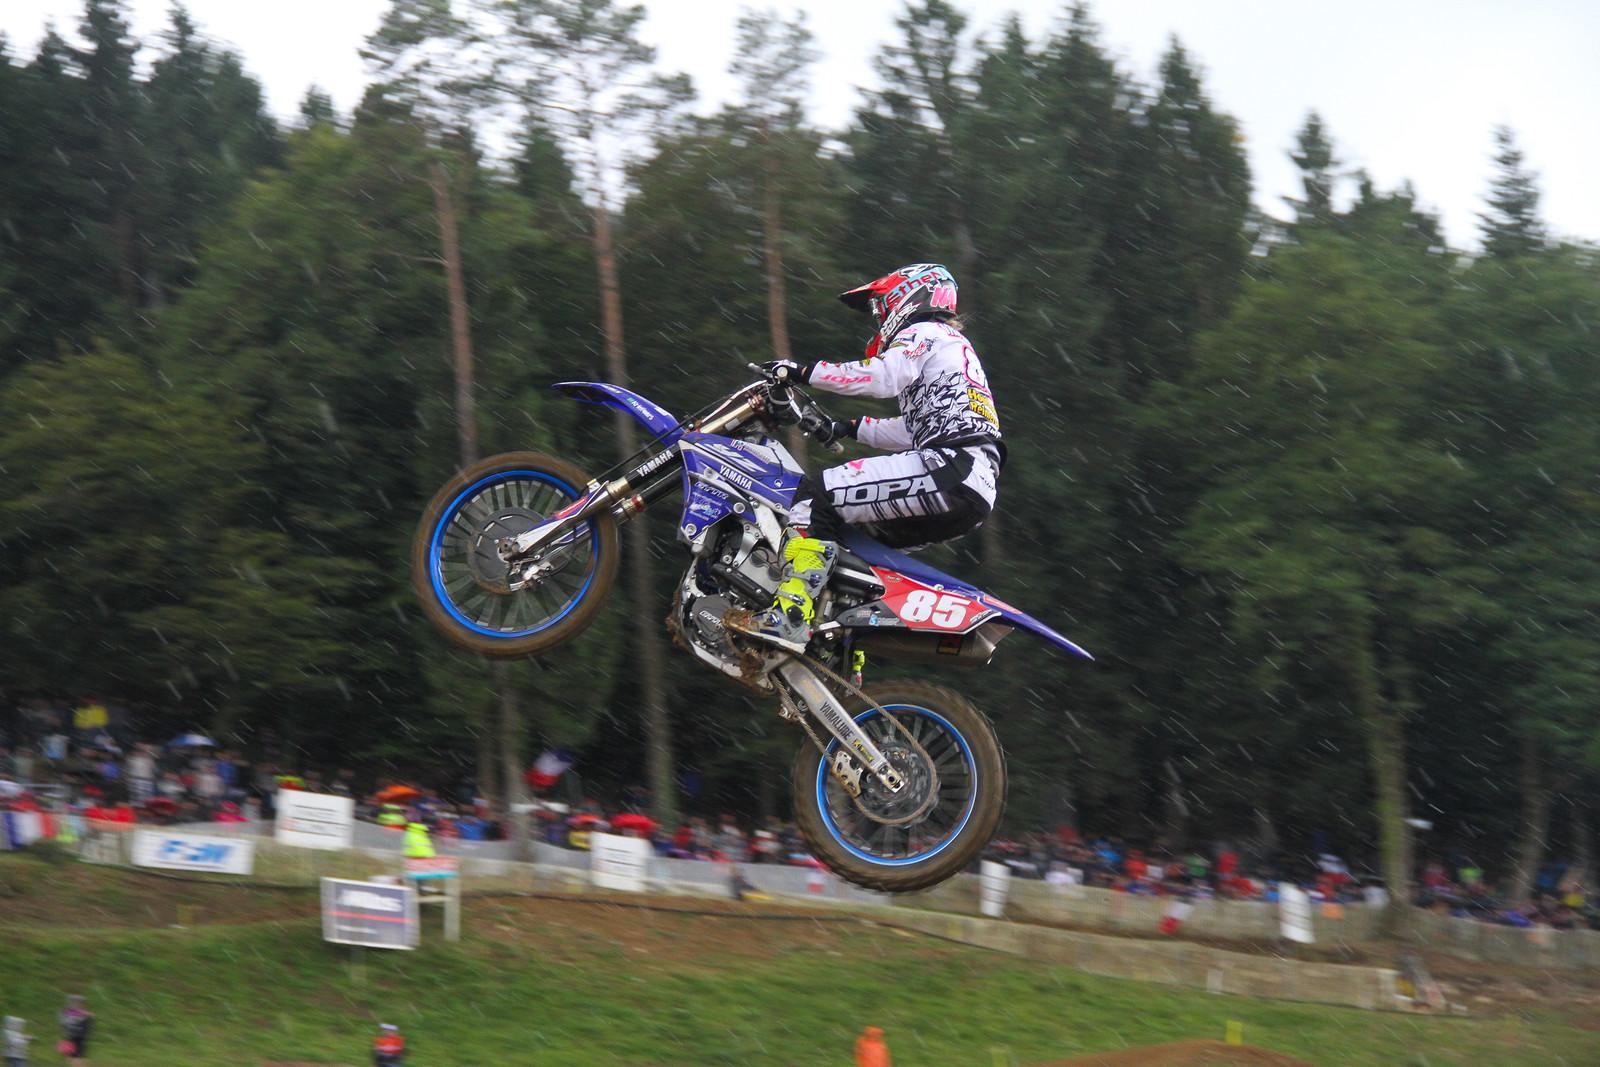 Nancy van der Ven - ayearinmx - Motocross Pictures - Vital MX